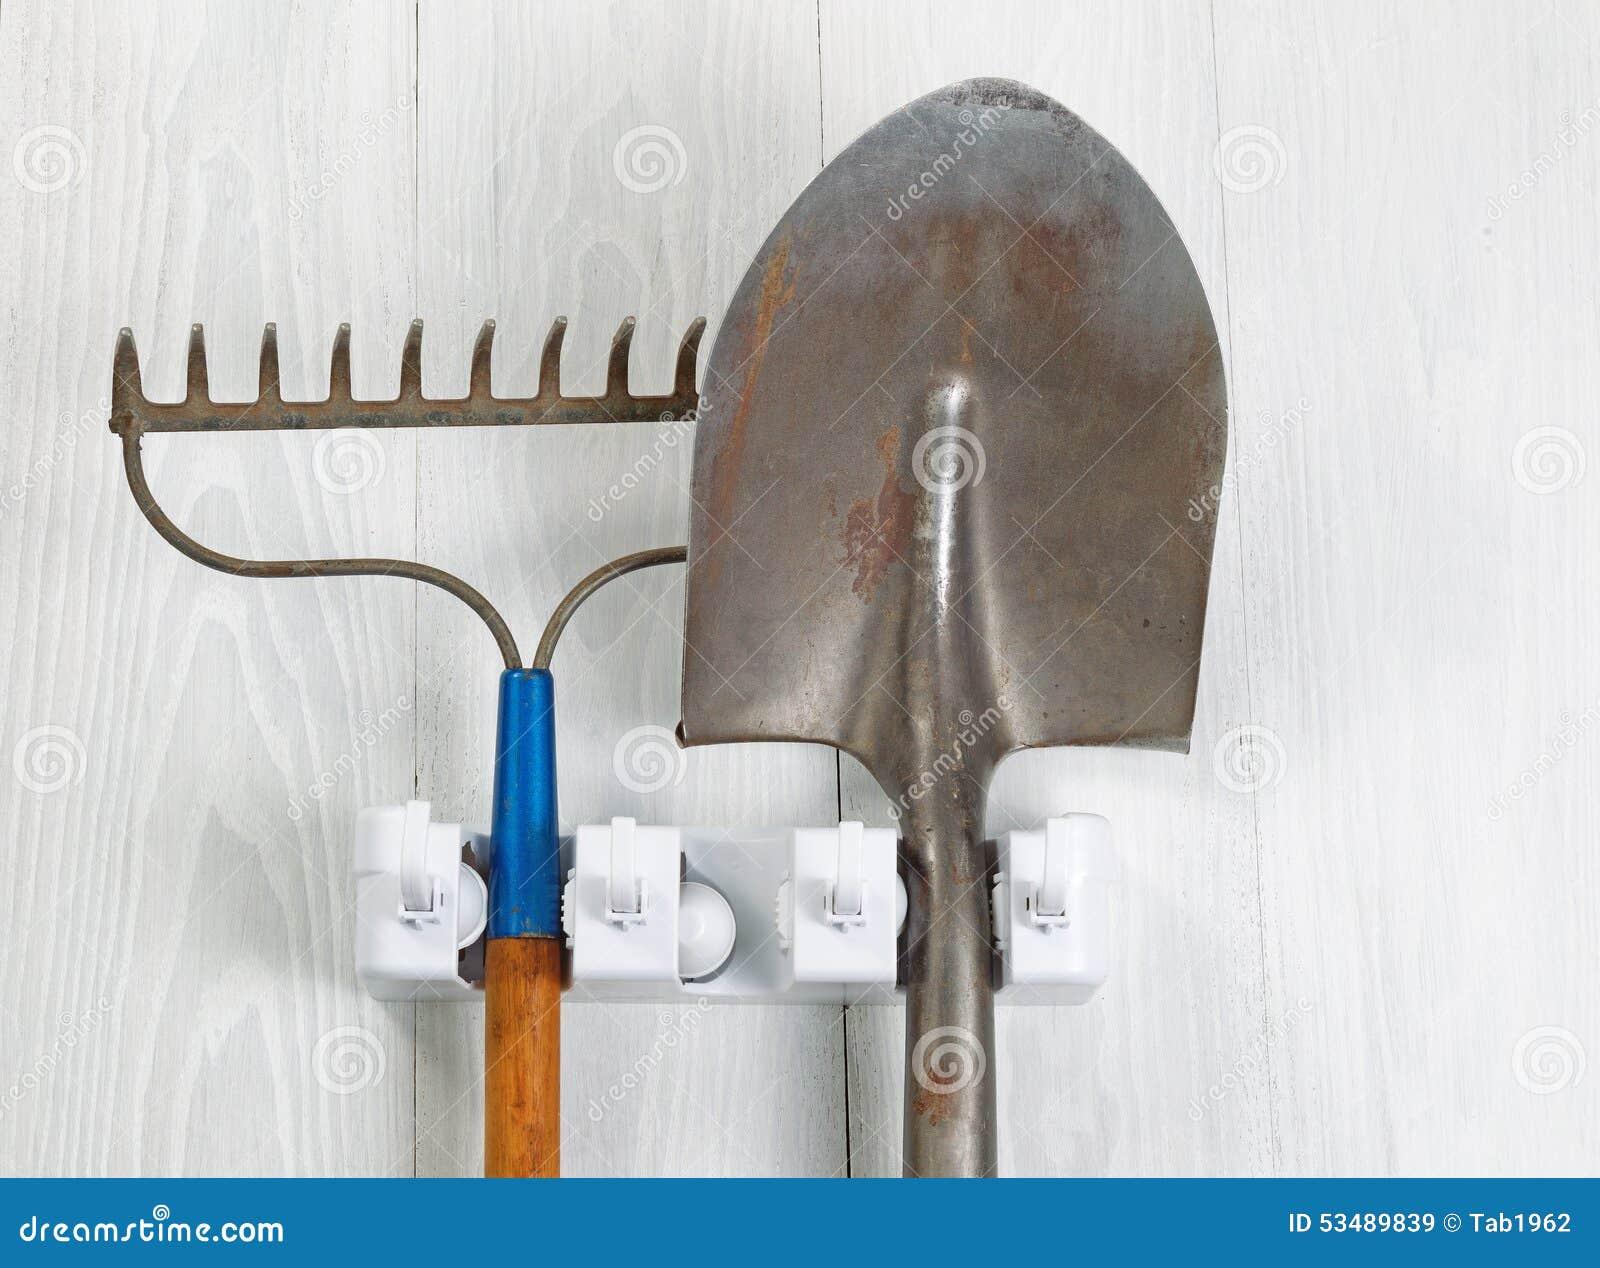 Outils De Jardin Utilises Pendant Du Support Sur Les Conseils En Bois Blancs Image Stock Image Du Pendant Support 53489839